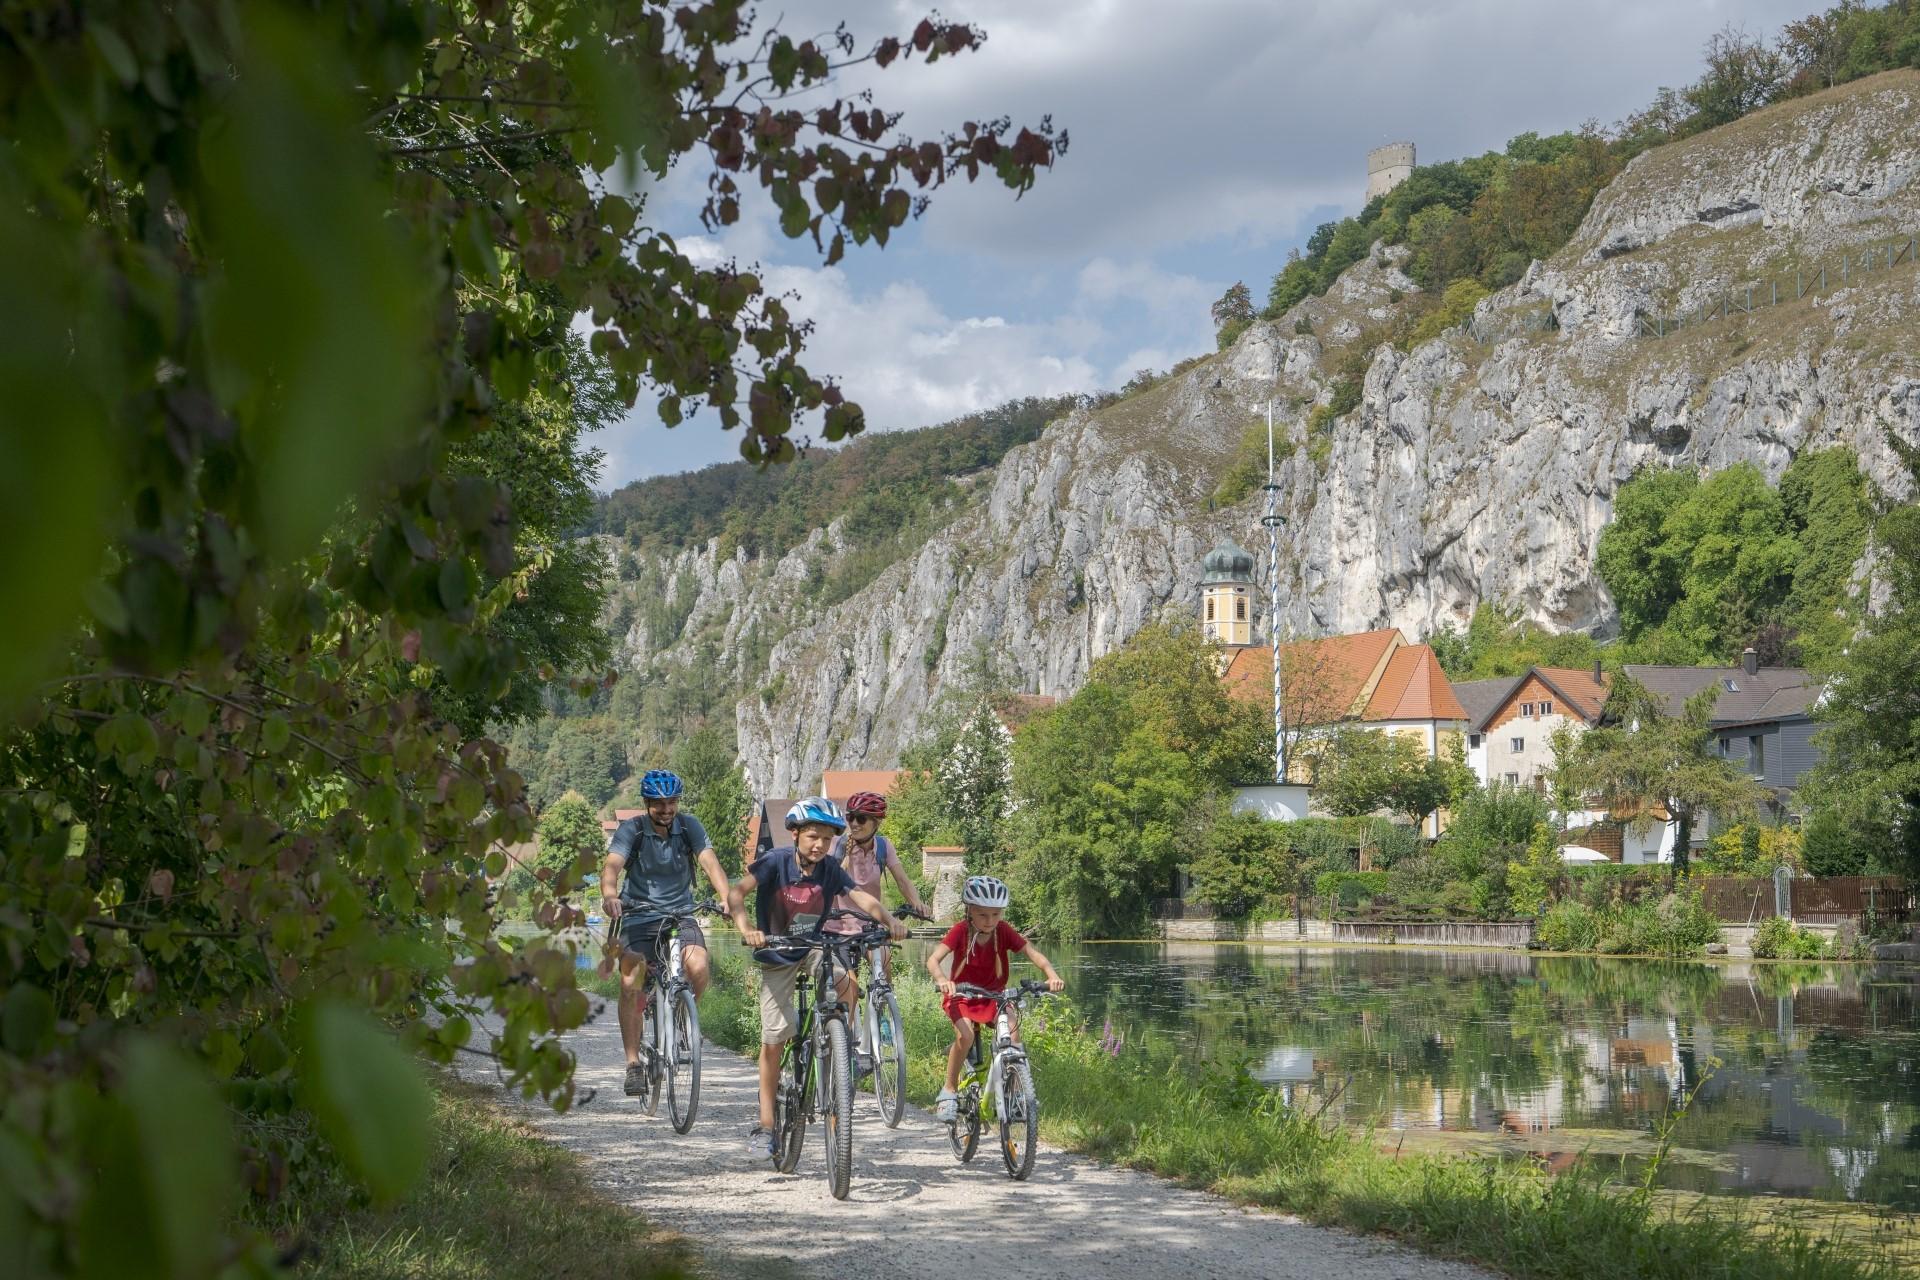 Radtour auf der Herzstück-Tour von Ingolstadt über Essing im Altmühltal